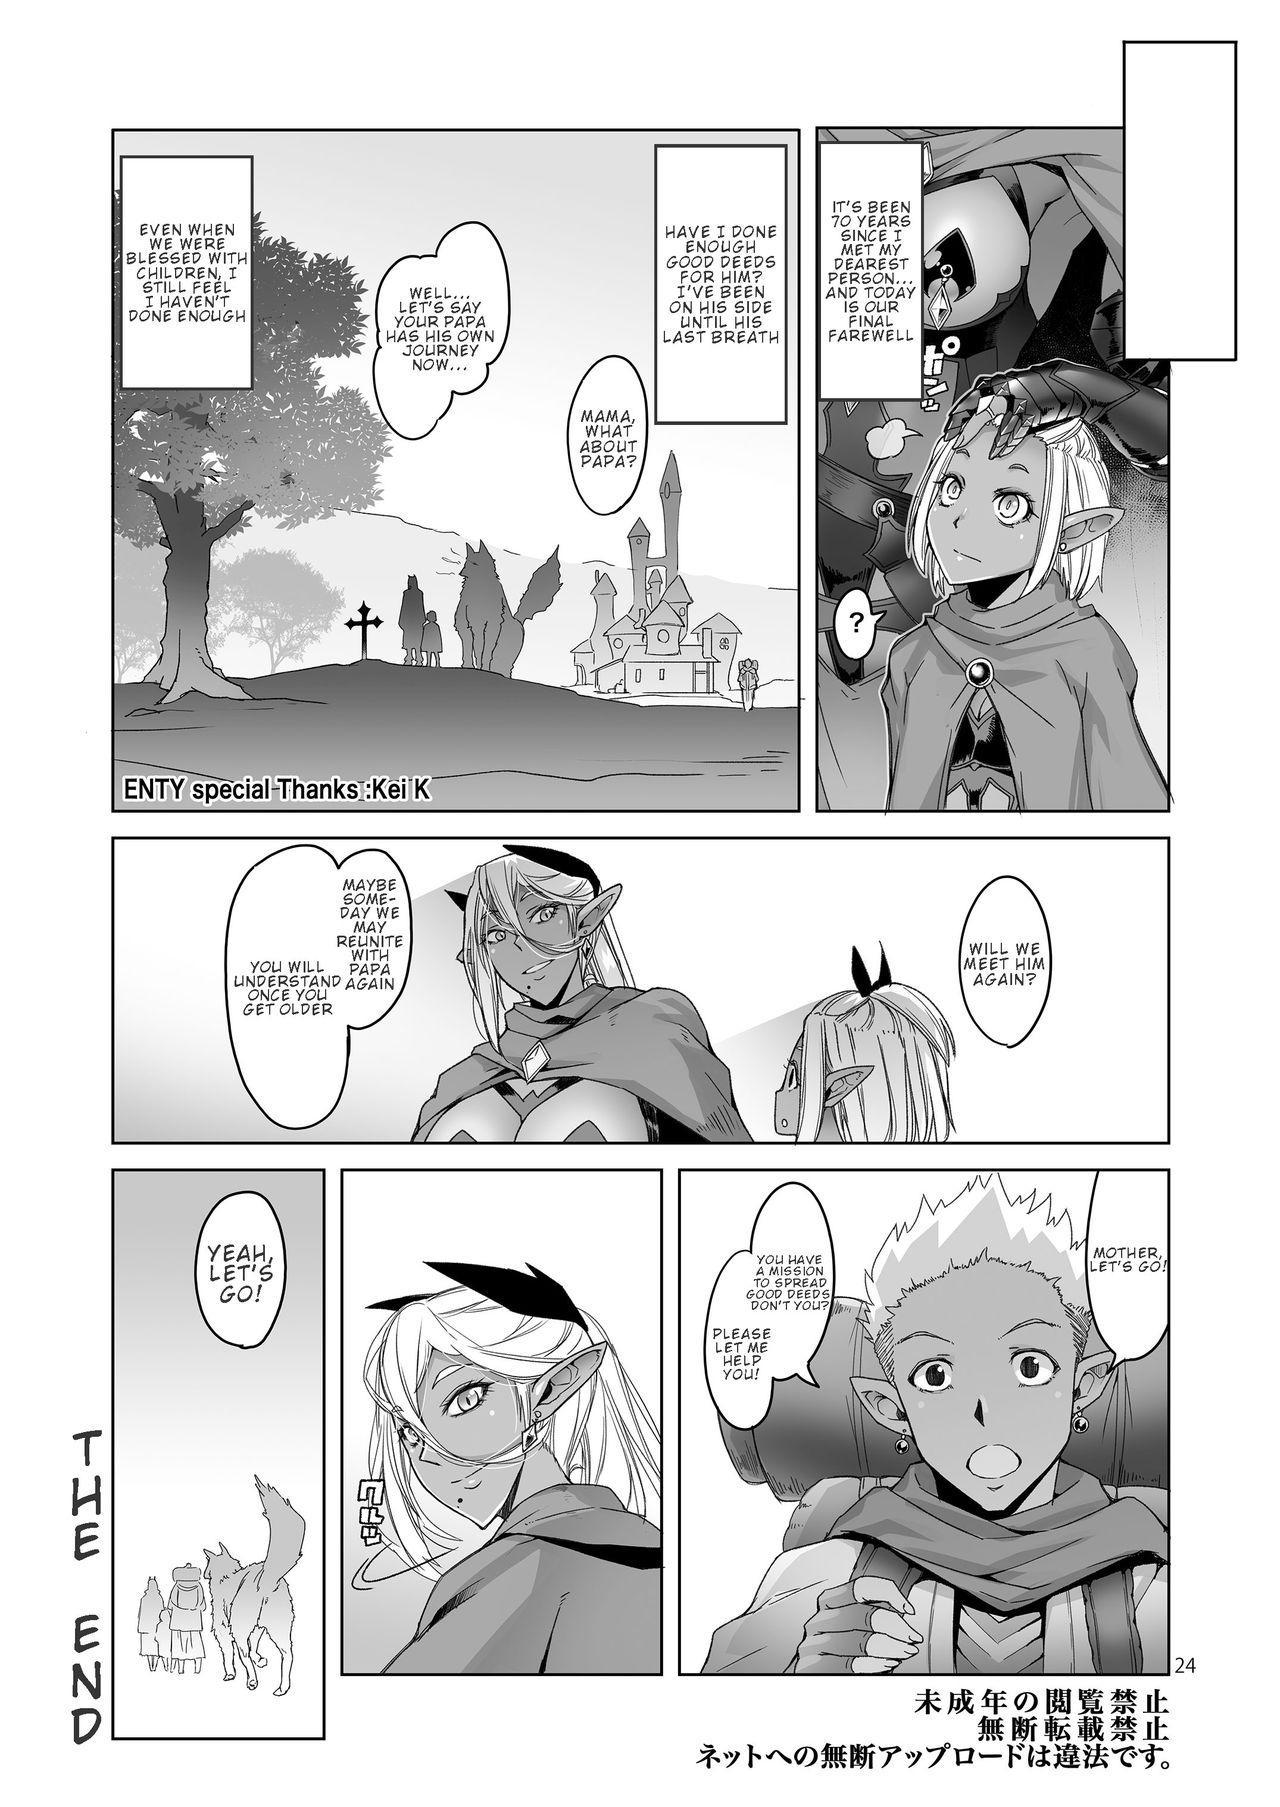 Dark Elf to Yorozu no Zenkou | Dark Elf's Everlasting Good Deeds 23